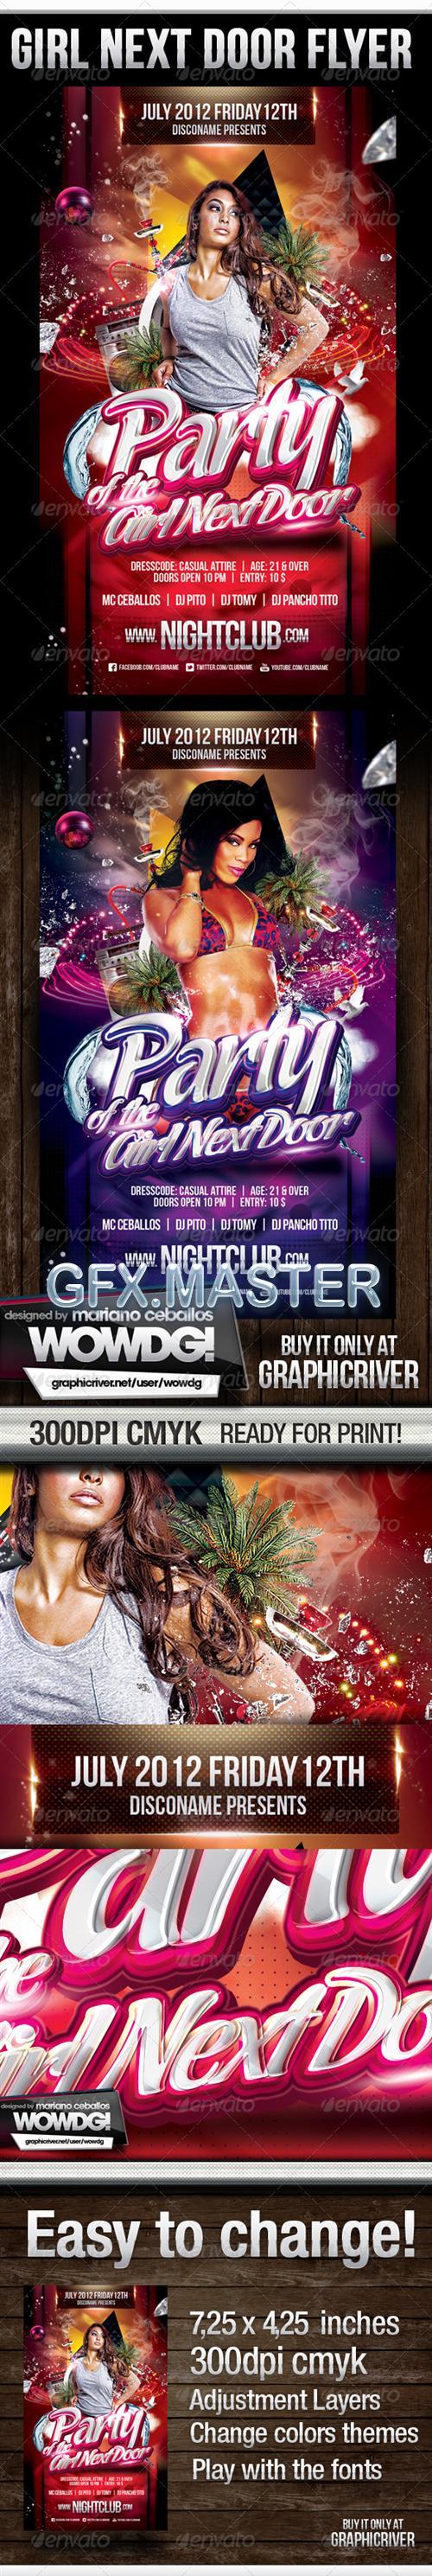 GraphicRiver - Girl Next Door Party Flyer